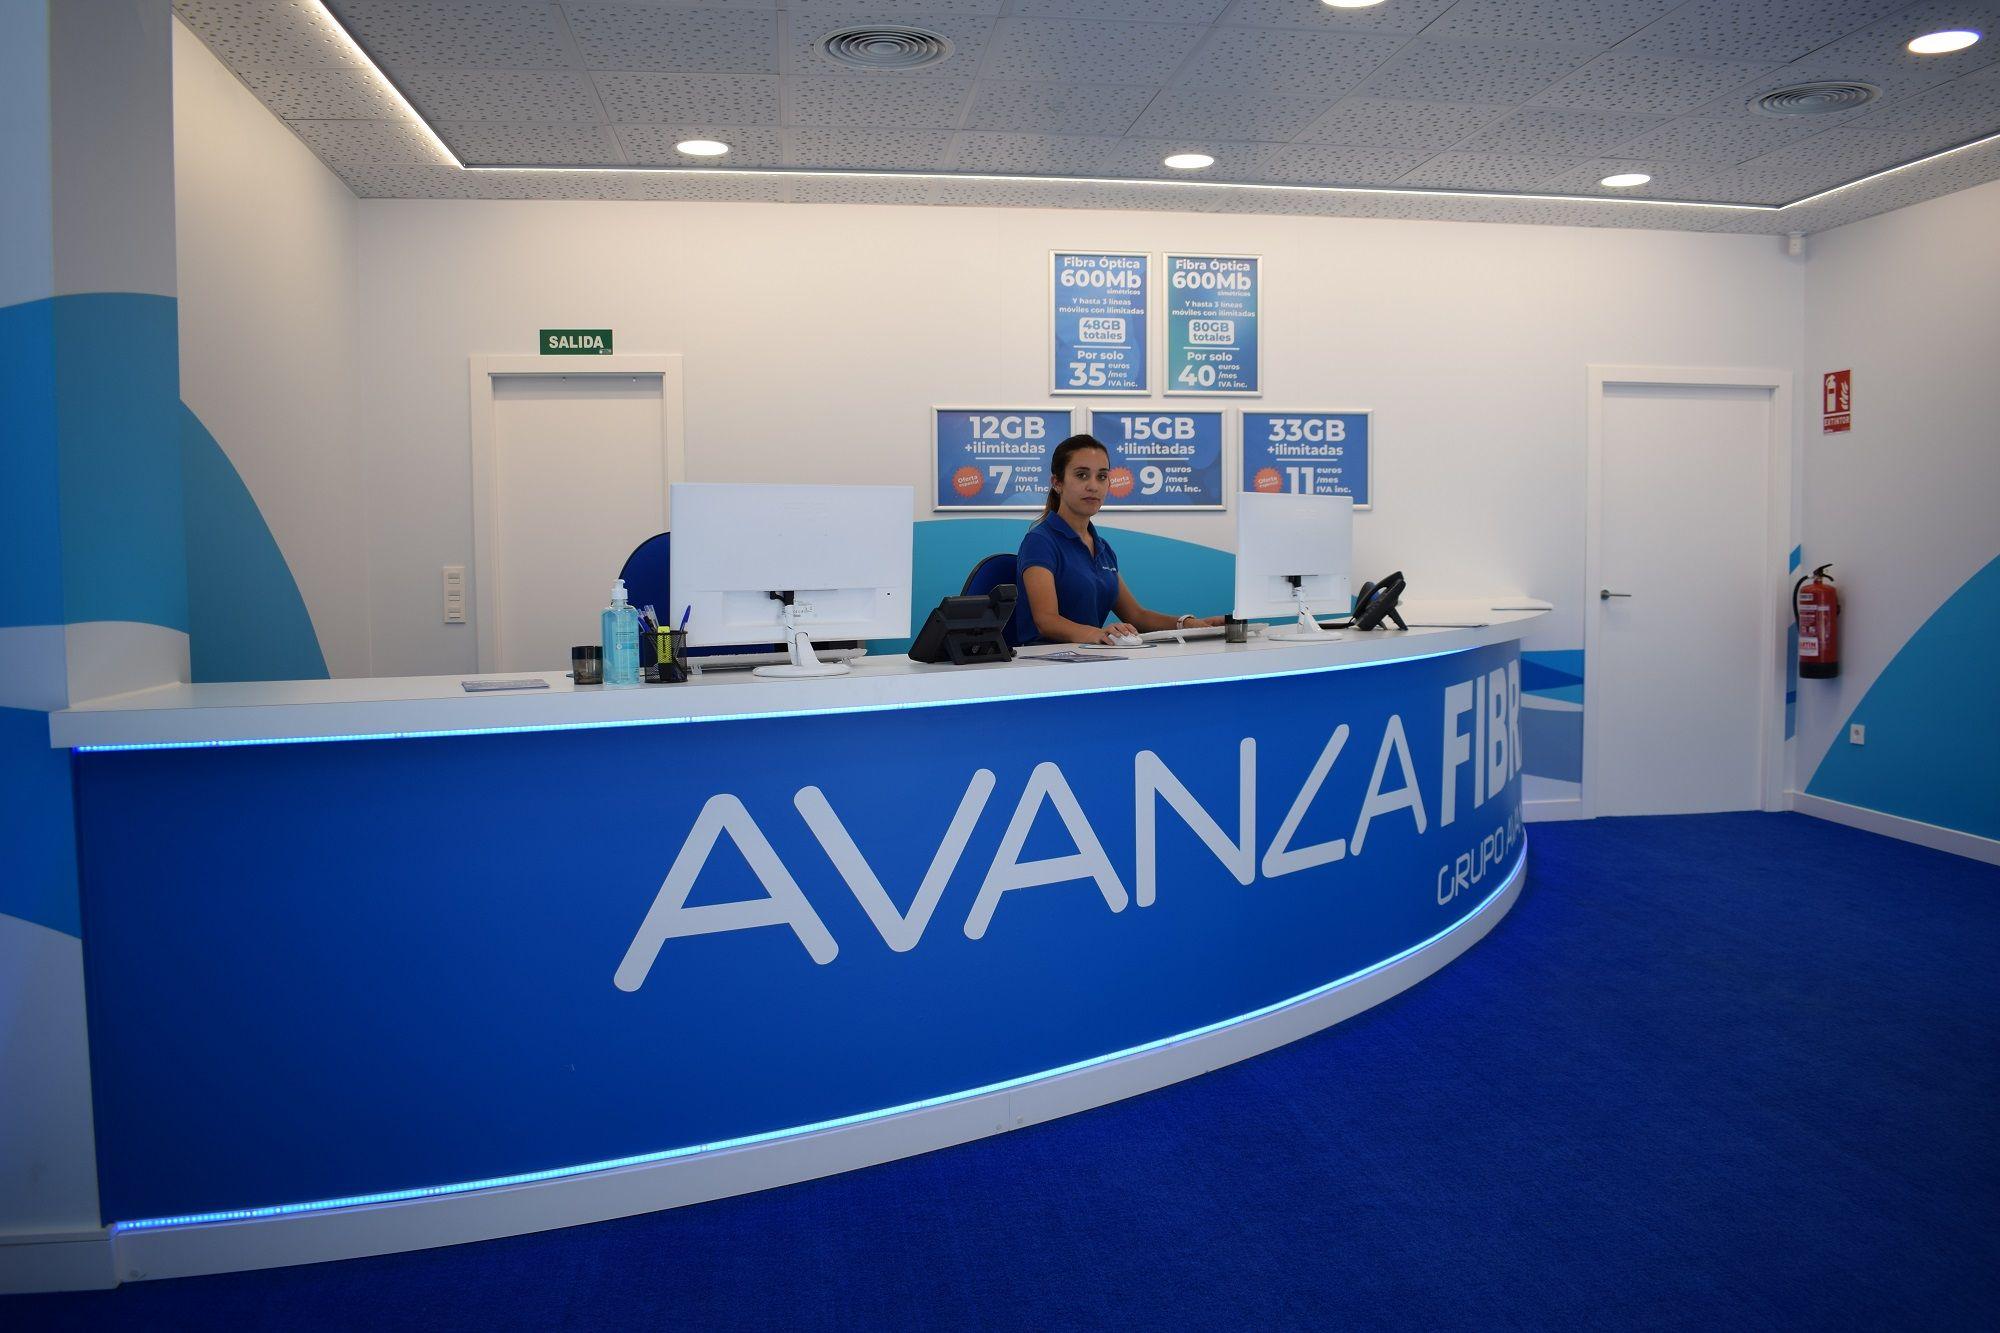 Avanza Fibra duplica su número de tiendas durante la pandemia